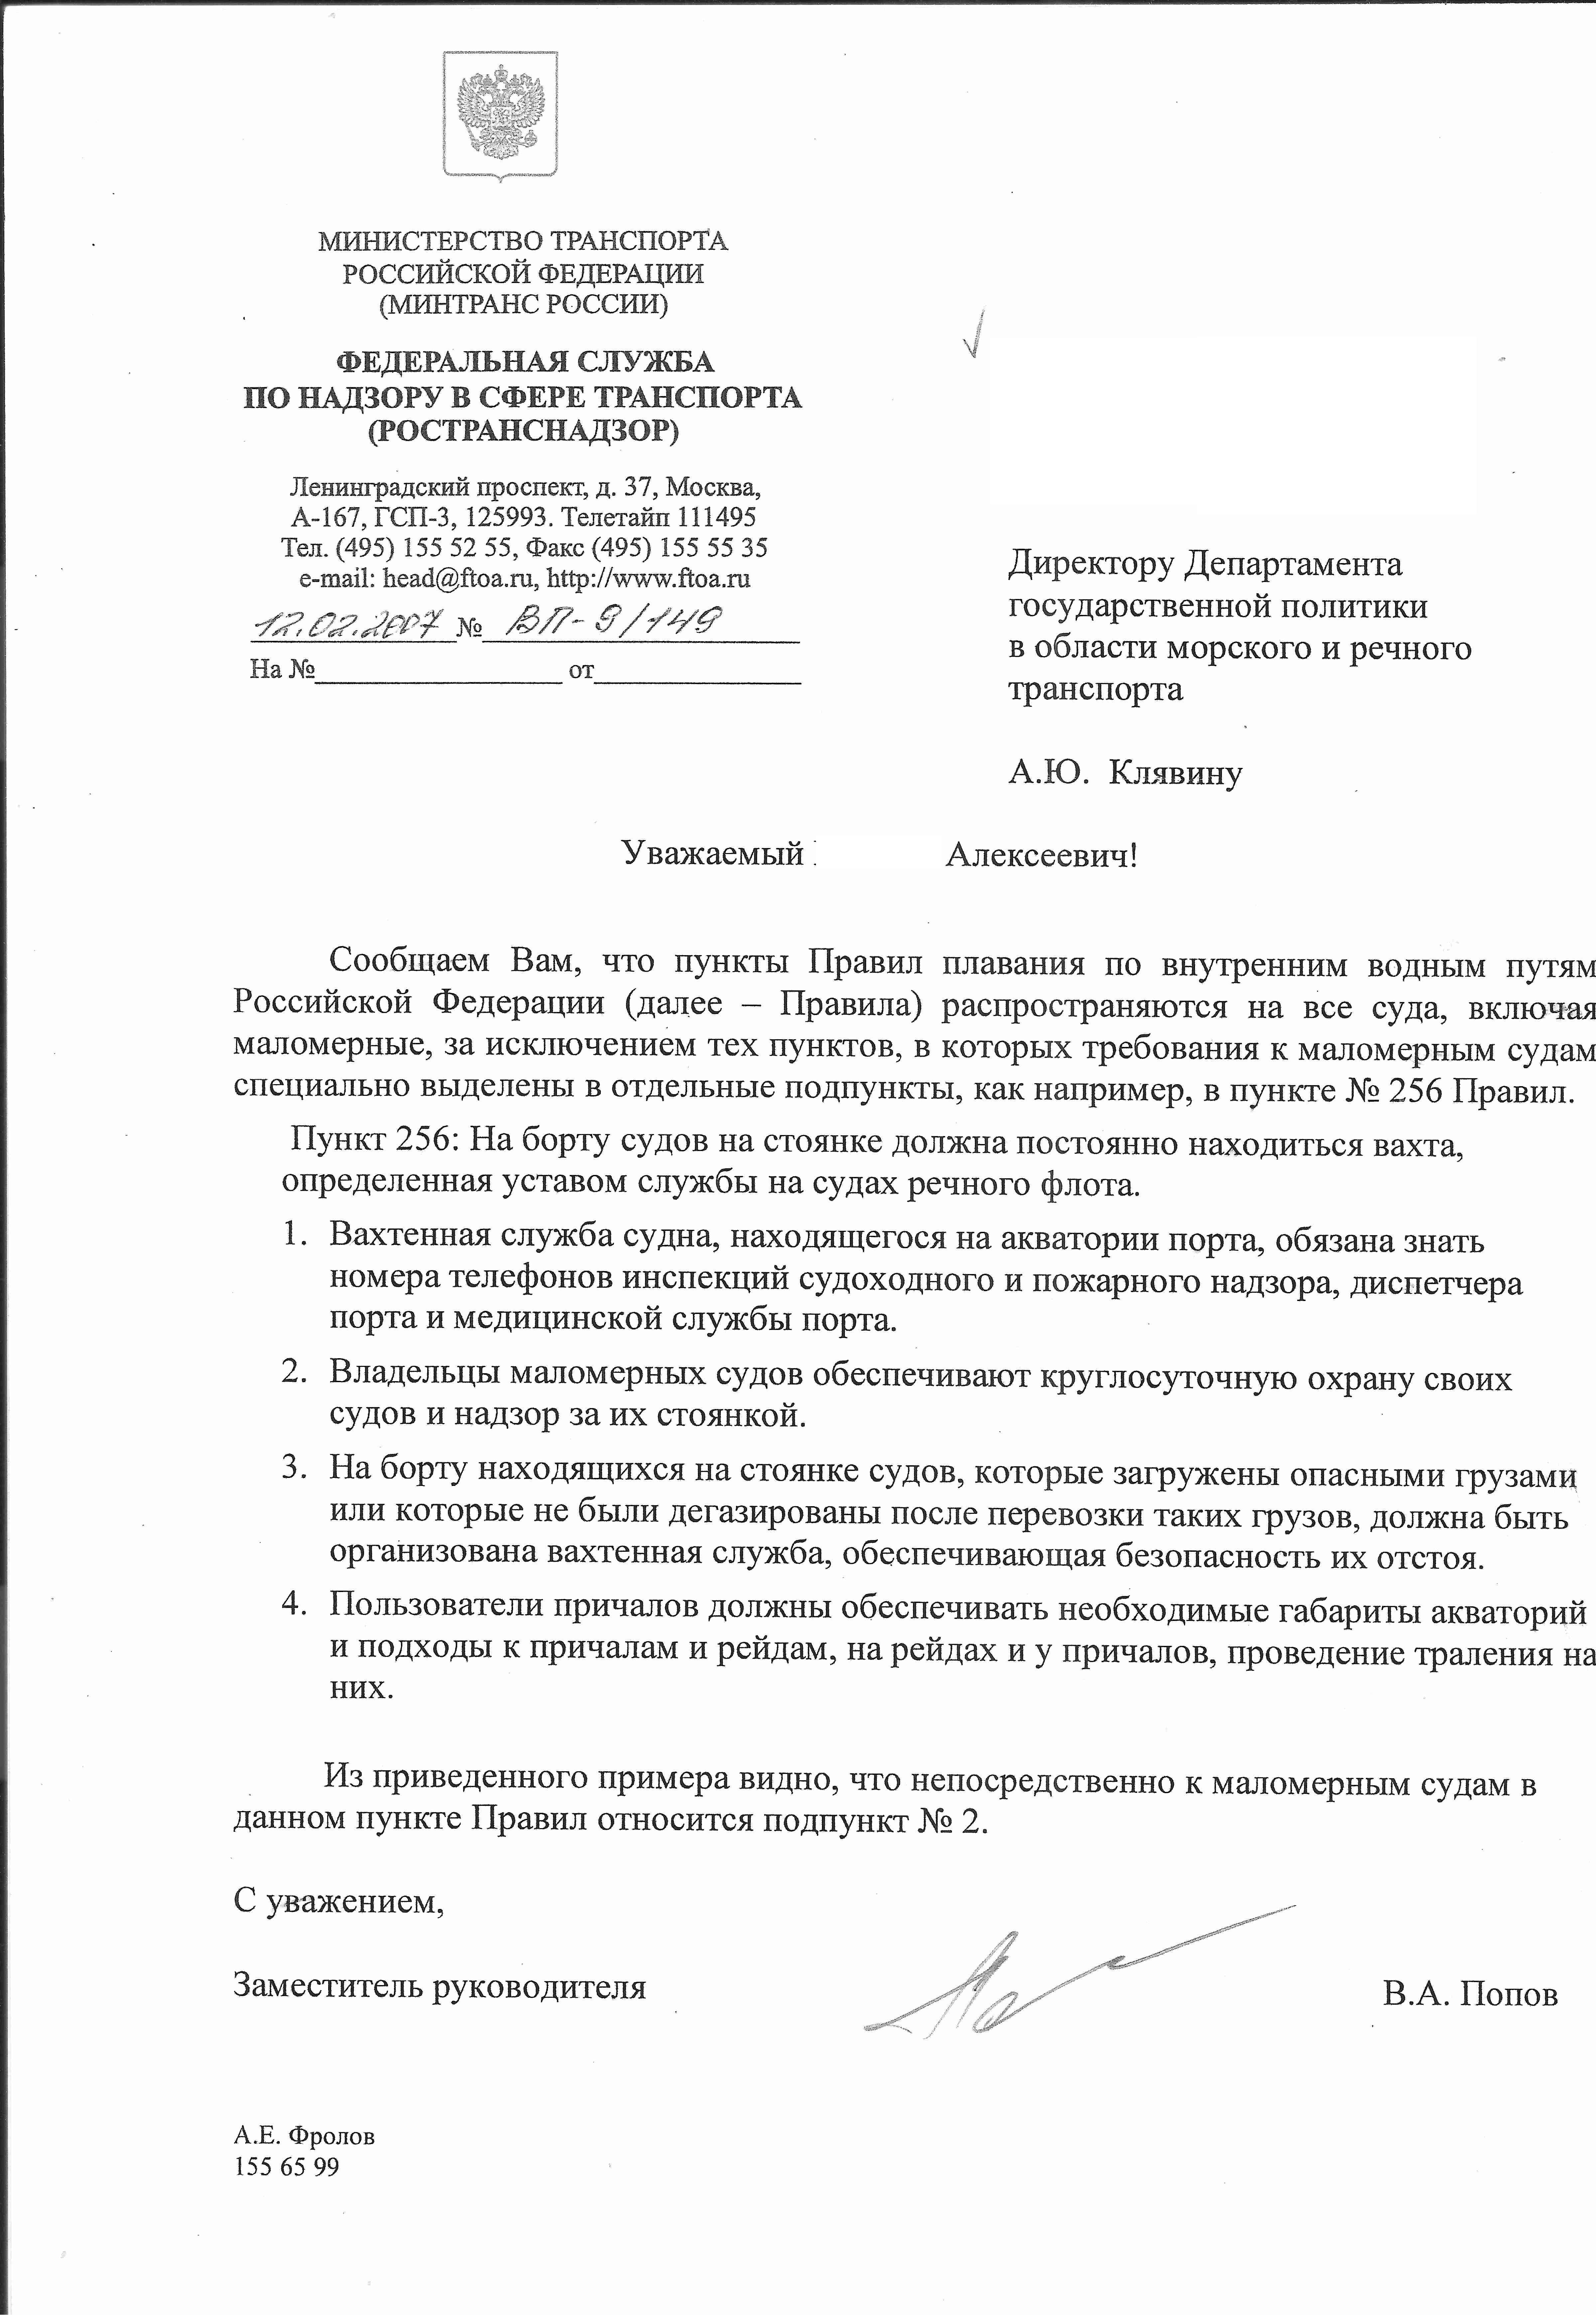 http://se.uploads.ru/lABNv.jpg